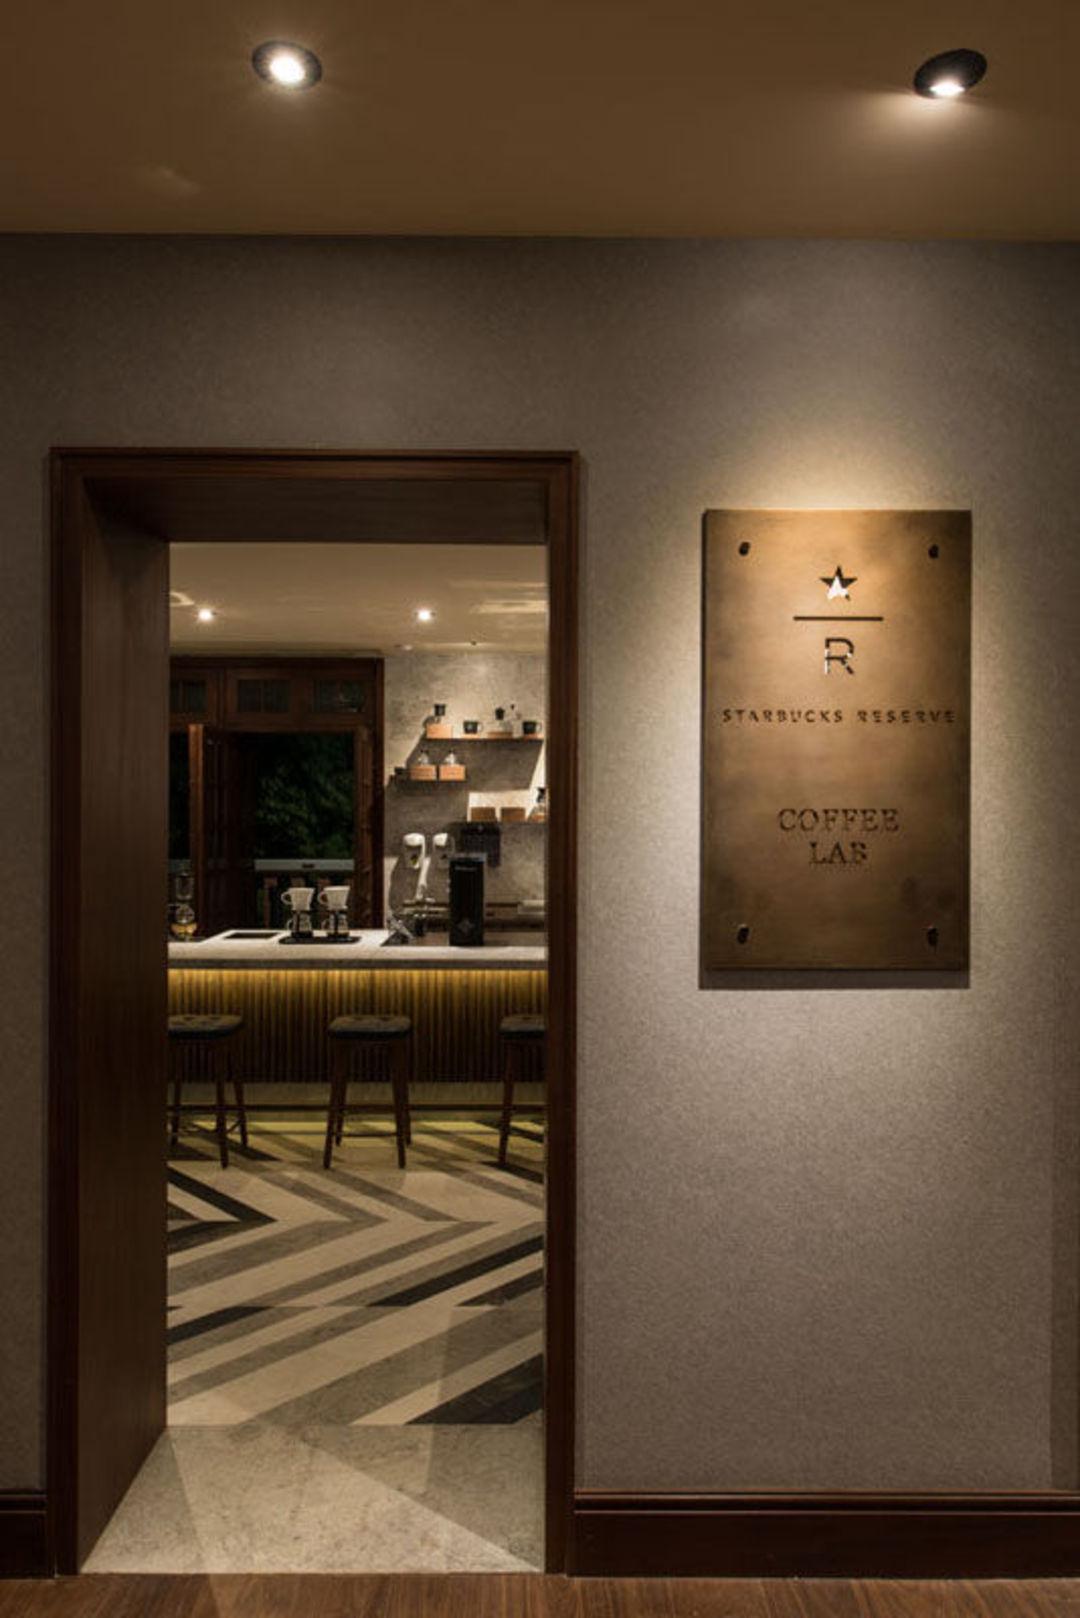 星巴克在上海老洋房里开了家大店,就能让你感觉到高级么?_商业_好奇心日报